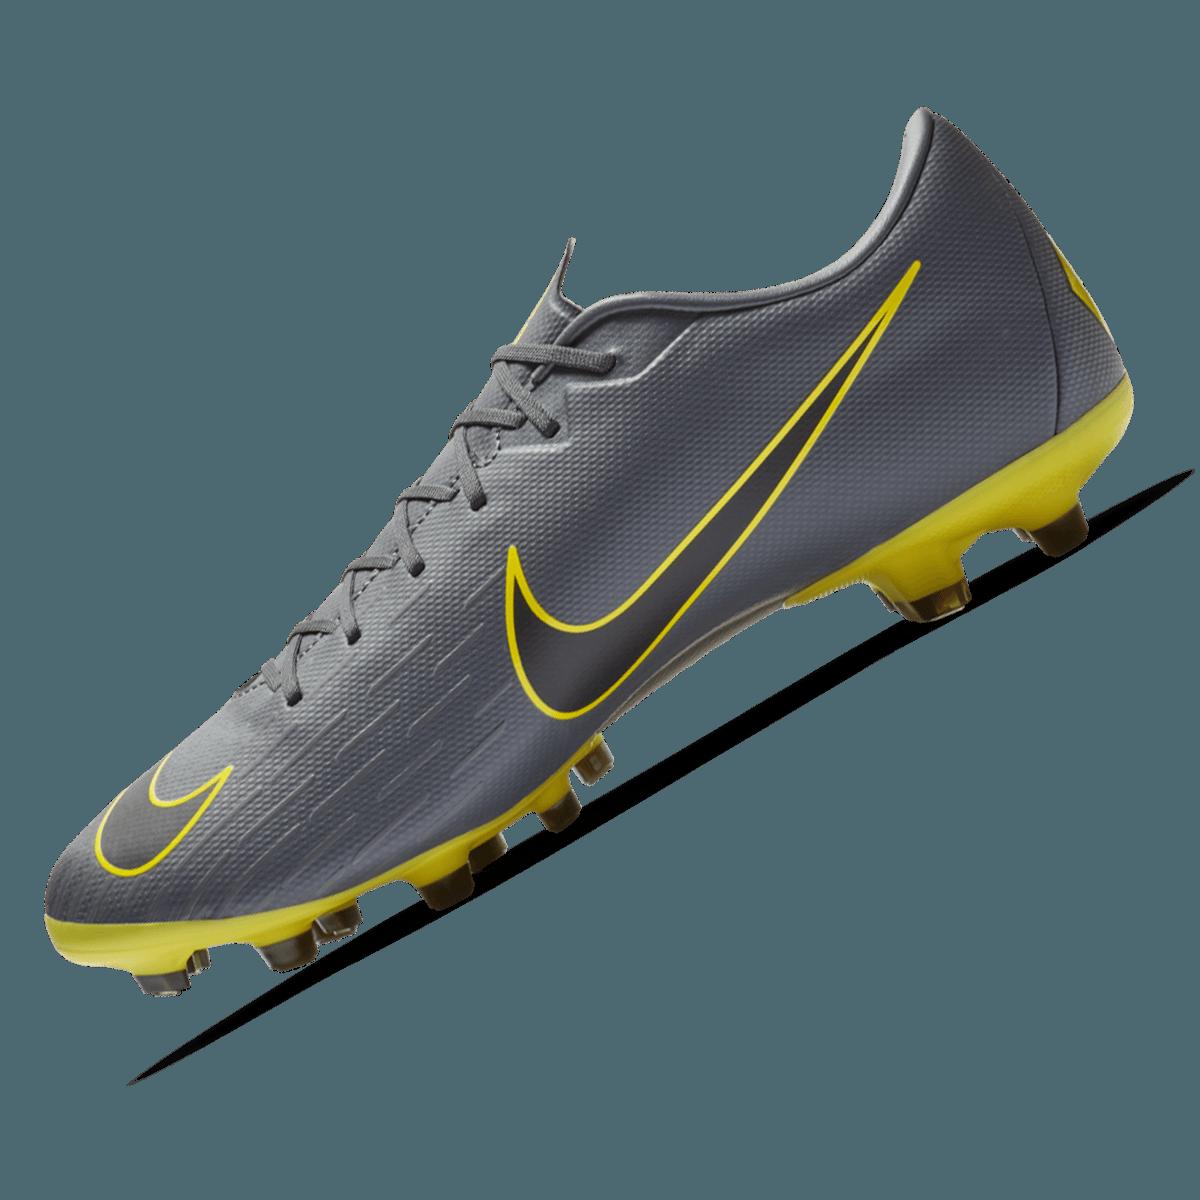 Nike voetbalschoen Mercurial Vapor XII JR Academy FGMG donkergrijsgeel